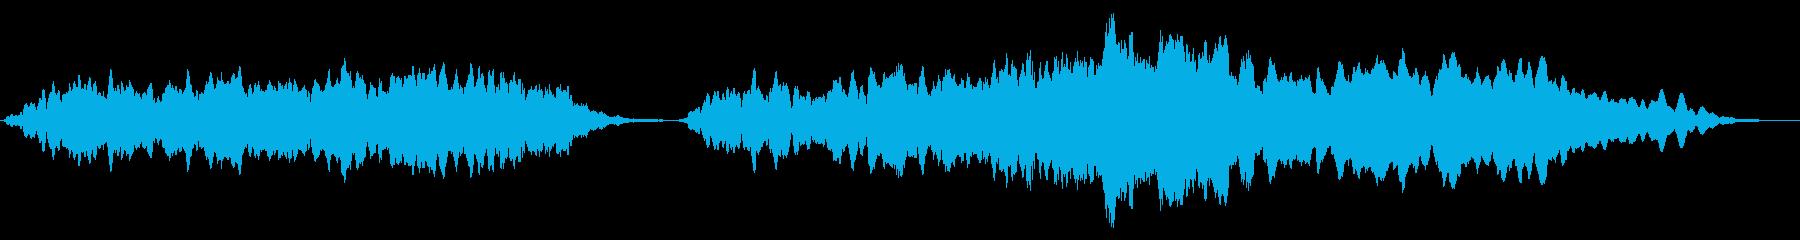 オーケストラ音楽ベッド:ドラマ:光の光線の再生済みの波形